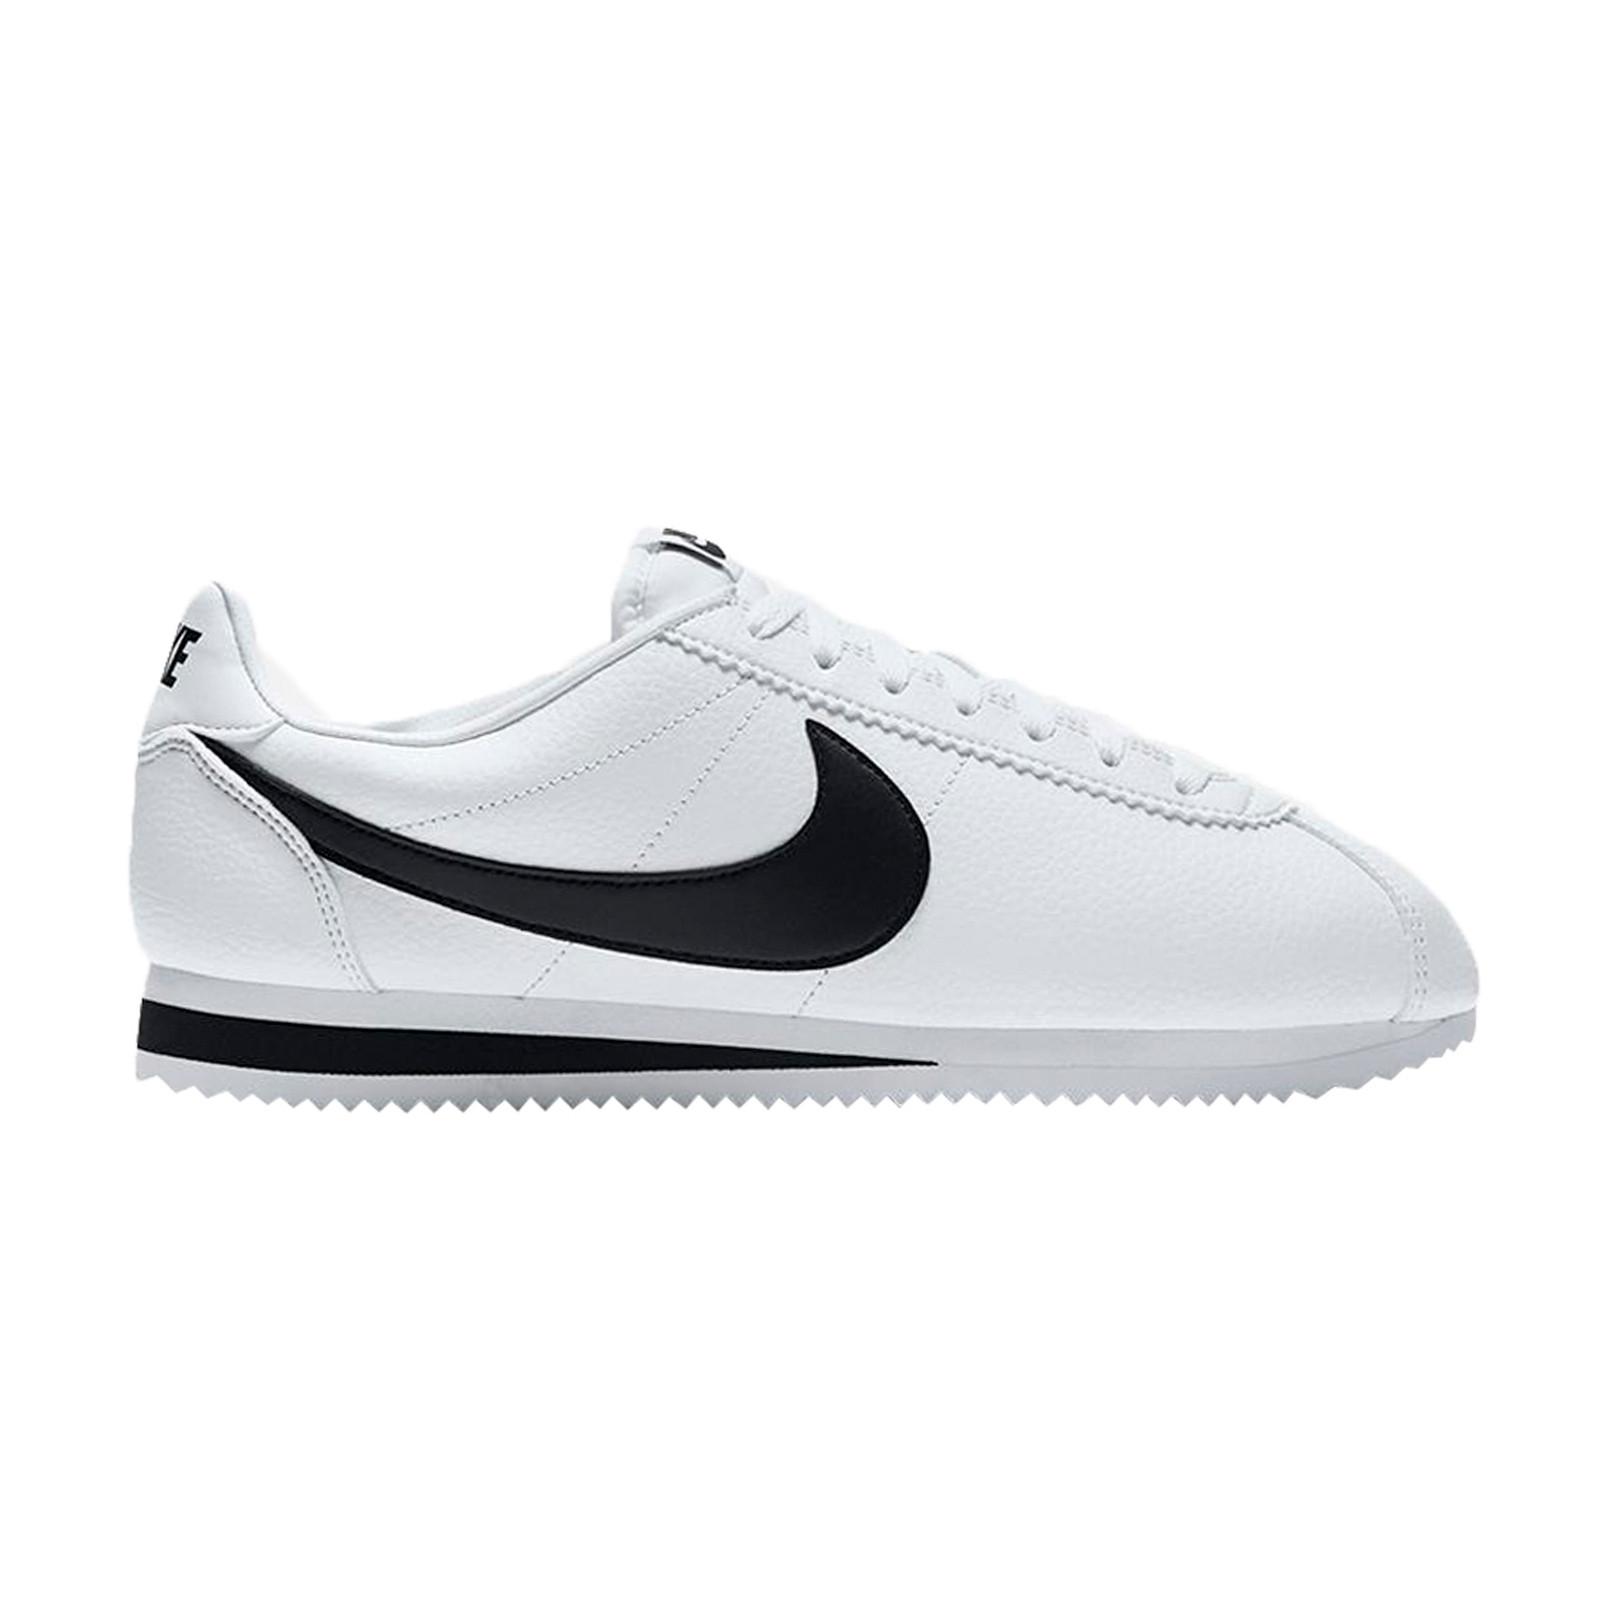 Zapatillas Nike Classic Cortez Leather Sportswear para Hombre